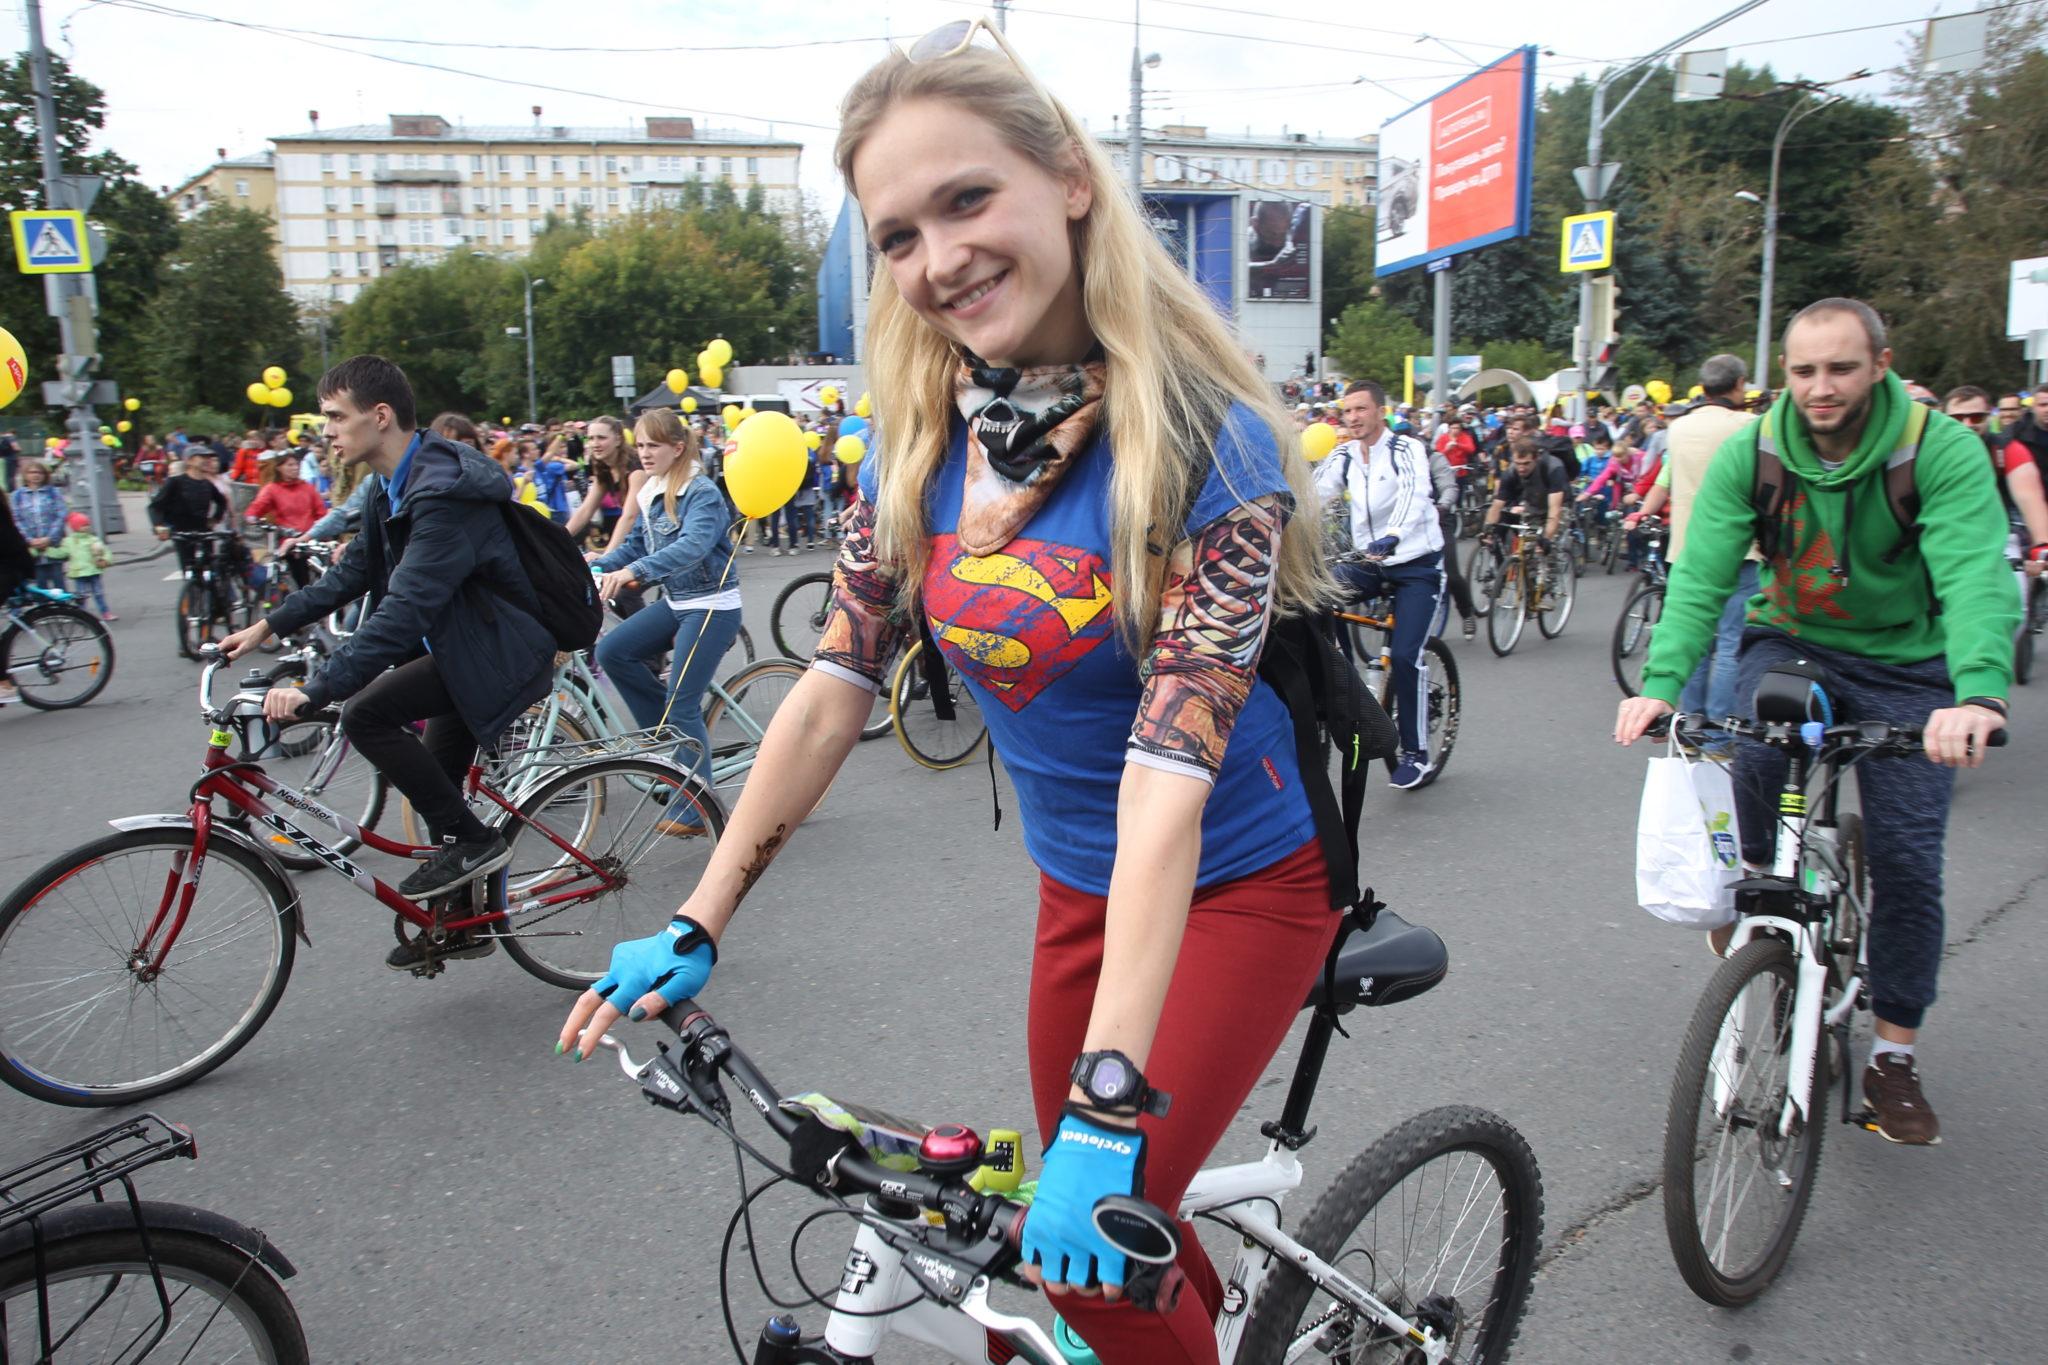 Общегородское мероприятие «Московский велопарад» организуют в столице. Фото: архив